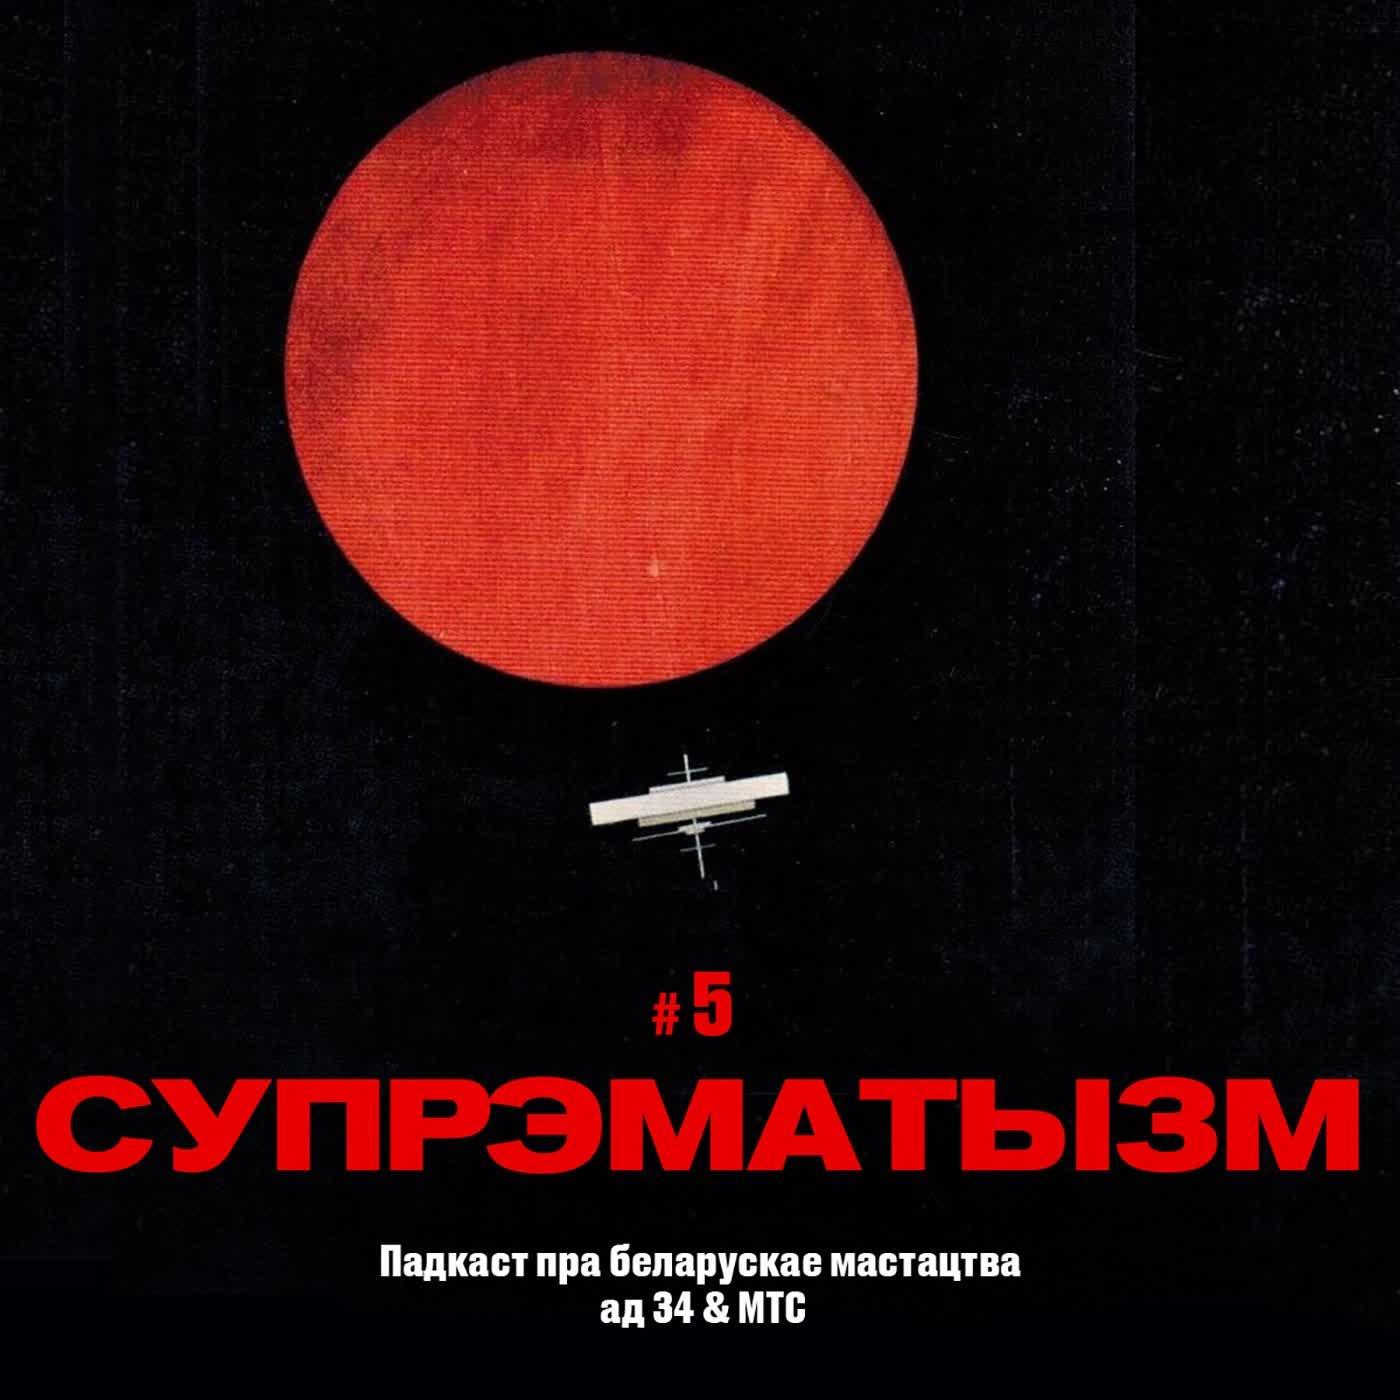 5 / Мастацтва Беларусi: Супрэматызм (падкаст ад 34 & МТС)